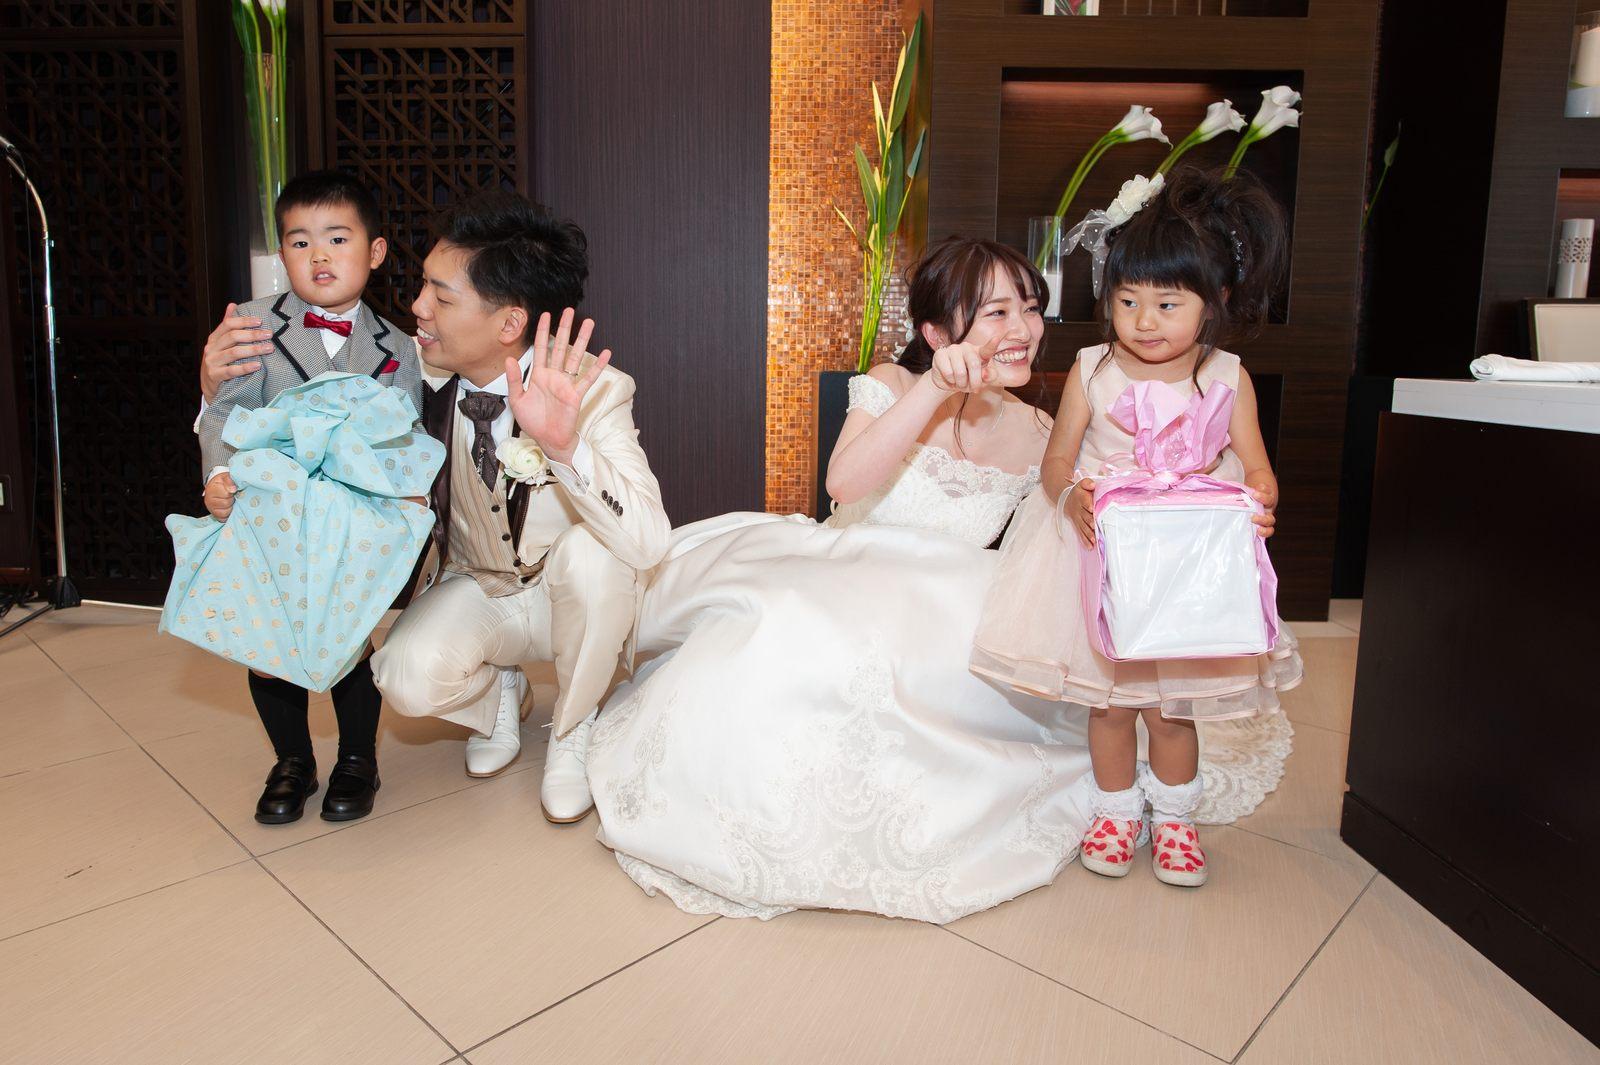 徳島県の結婚式場ブランアンジュでプレゼントを持った子どもたちと写真に写る新郎新婦